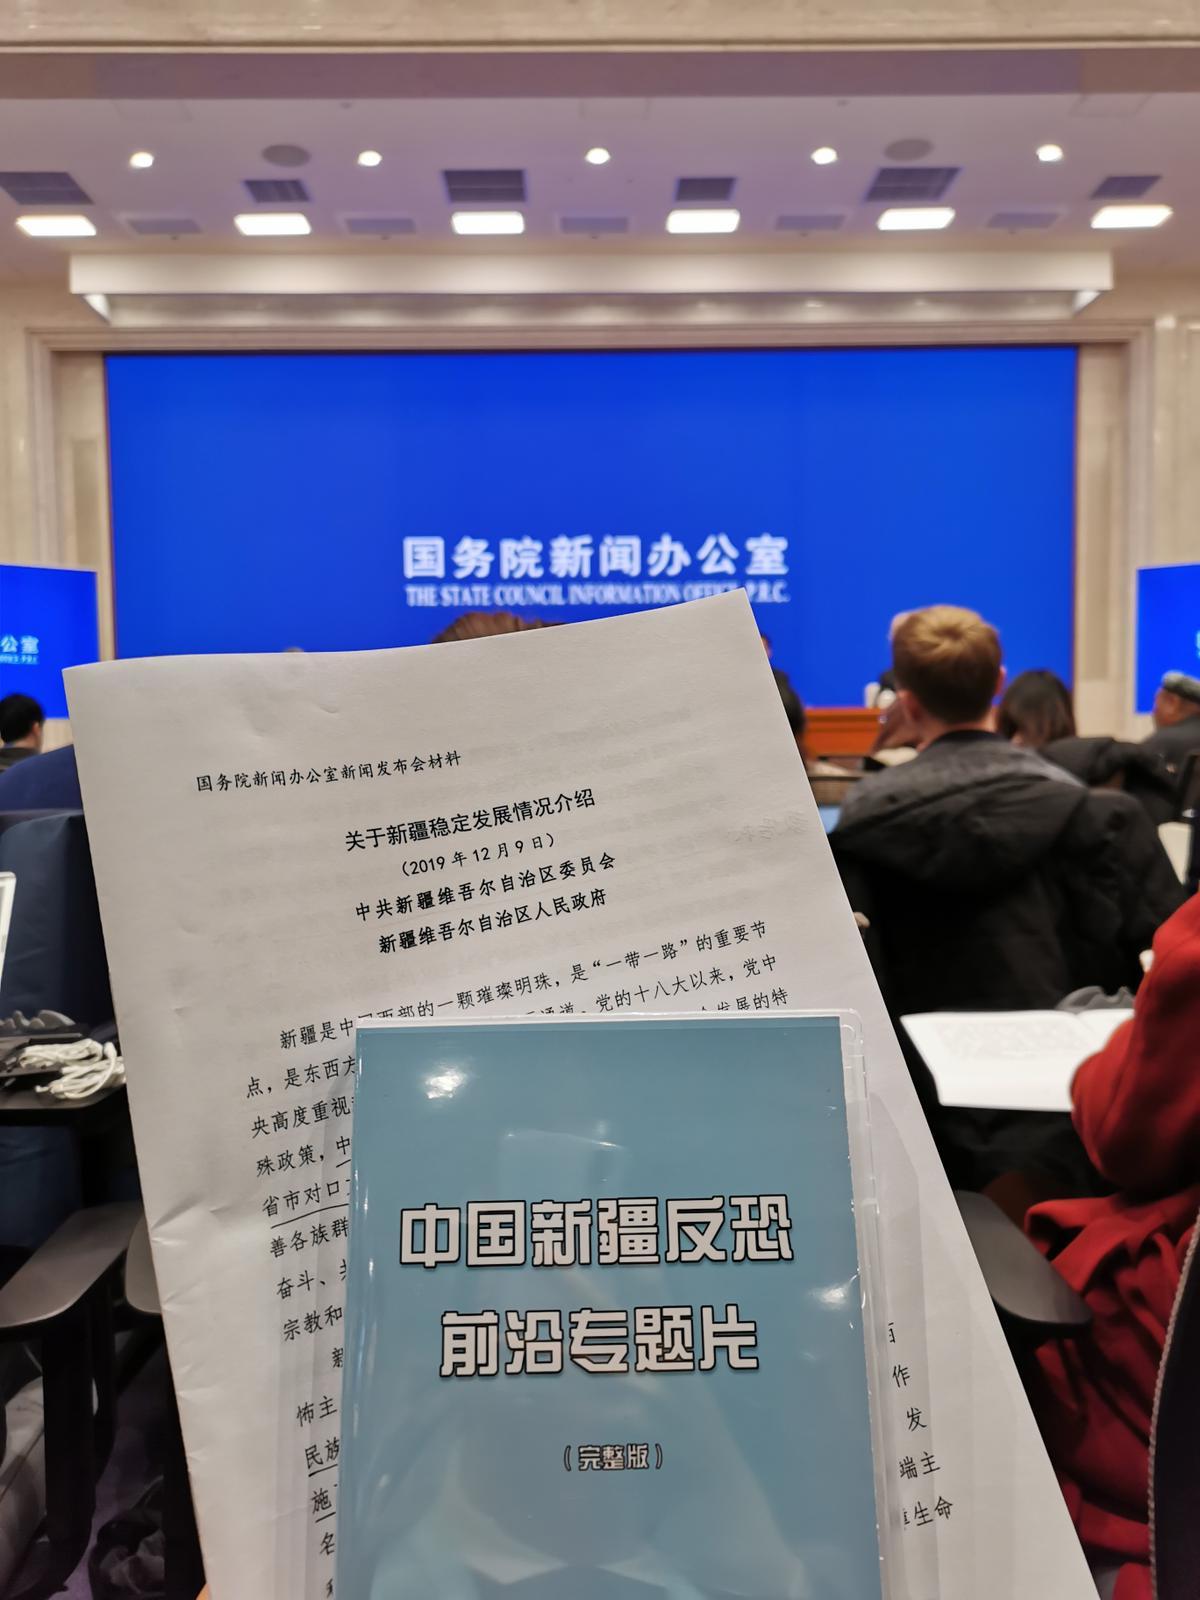 「新疆穩定發展有關情況」記者會。張言天攝